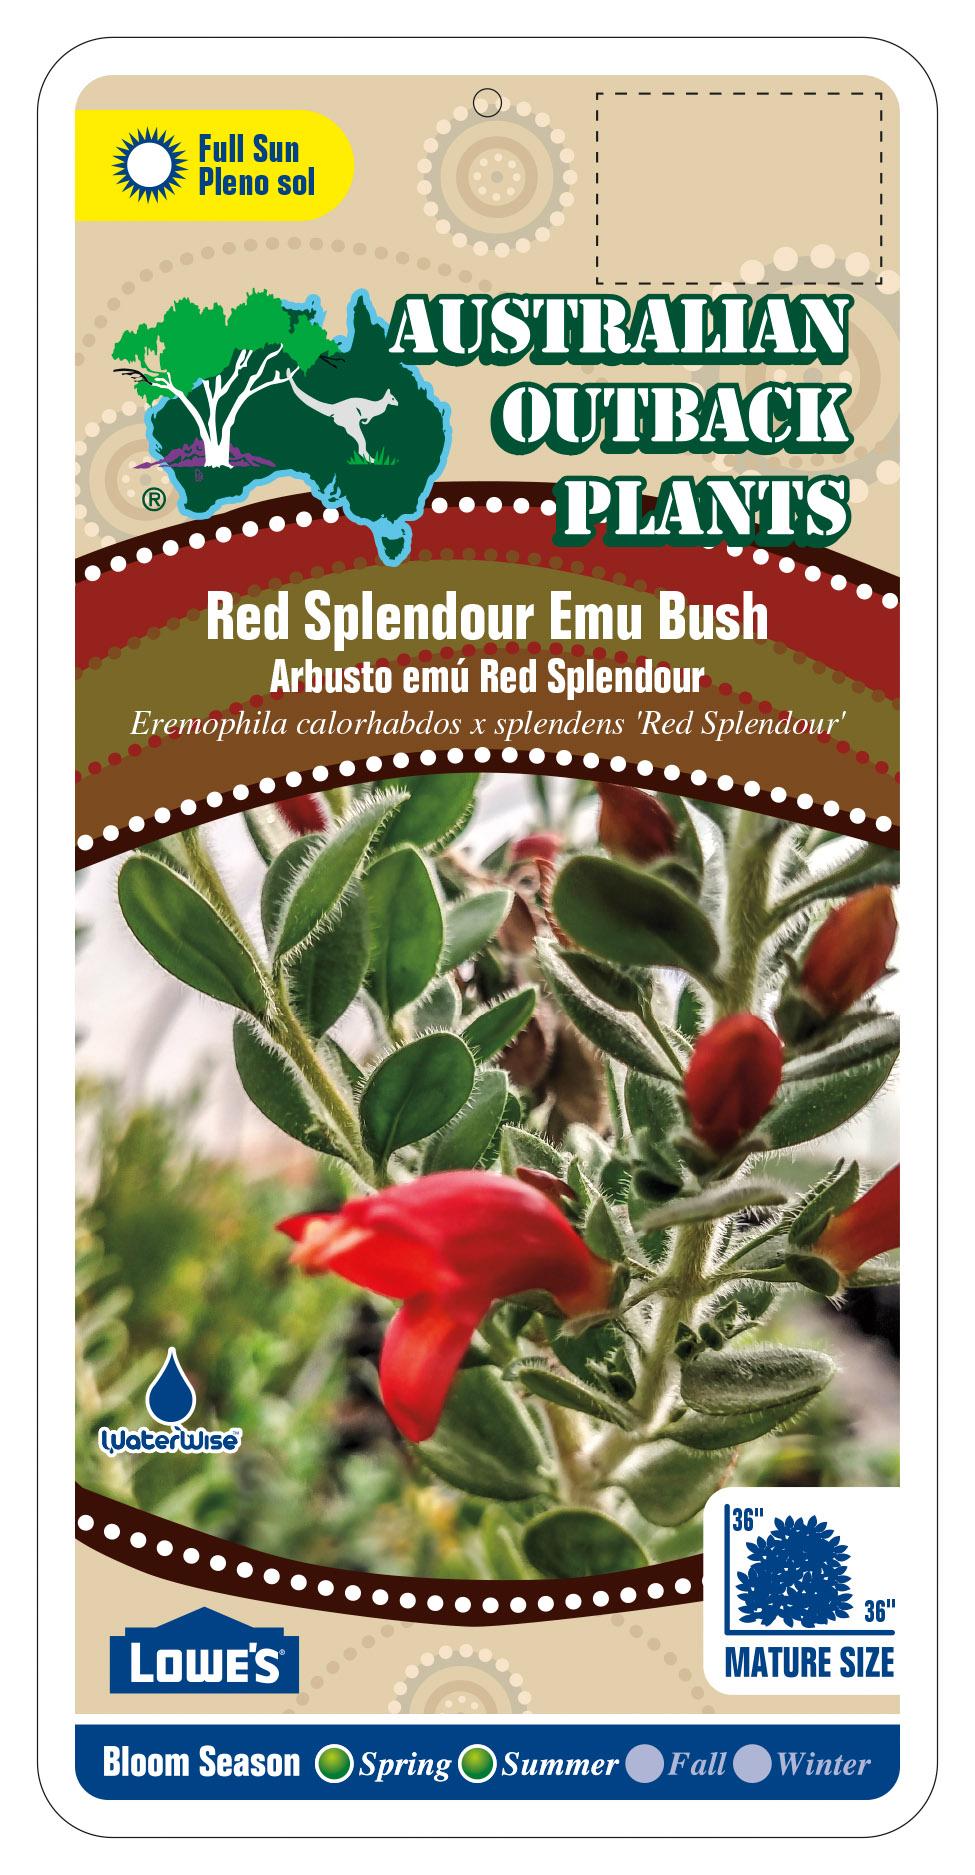 429894_FRONT-Red-Splendour-Emu-Bush.jpg